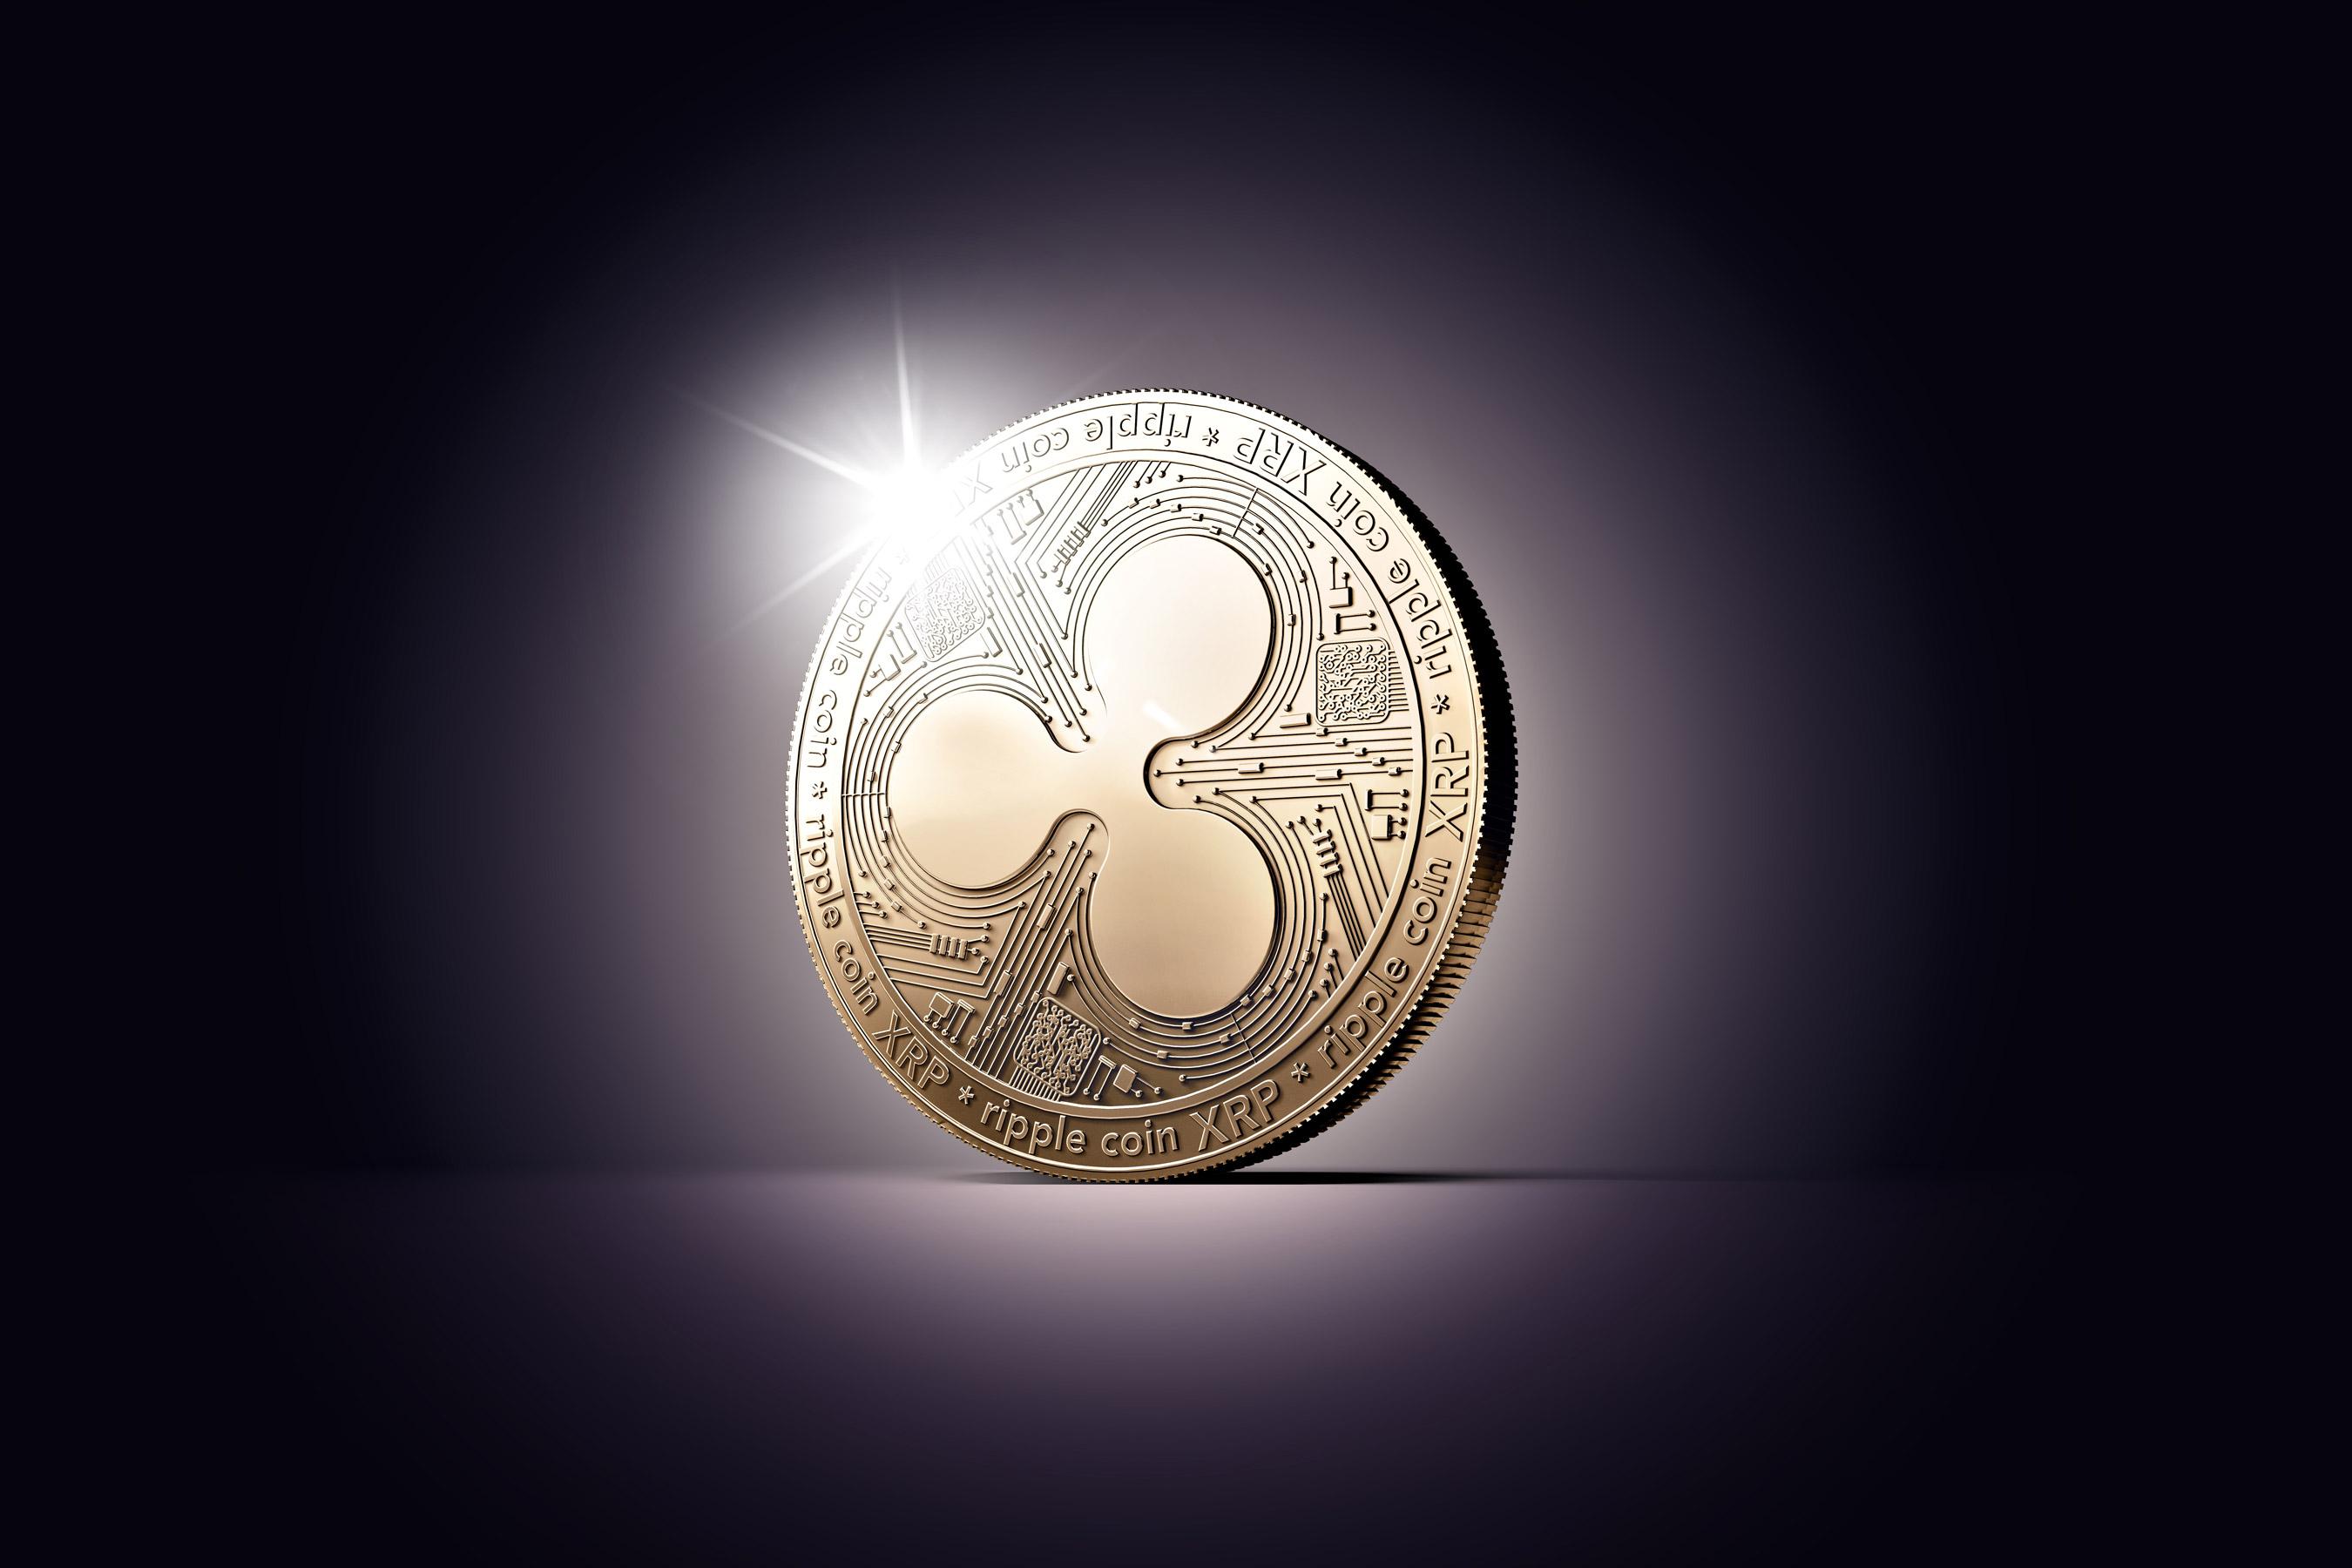 XRP добавлен на платформу Coins ph в качестве платежного средства